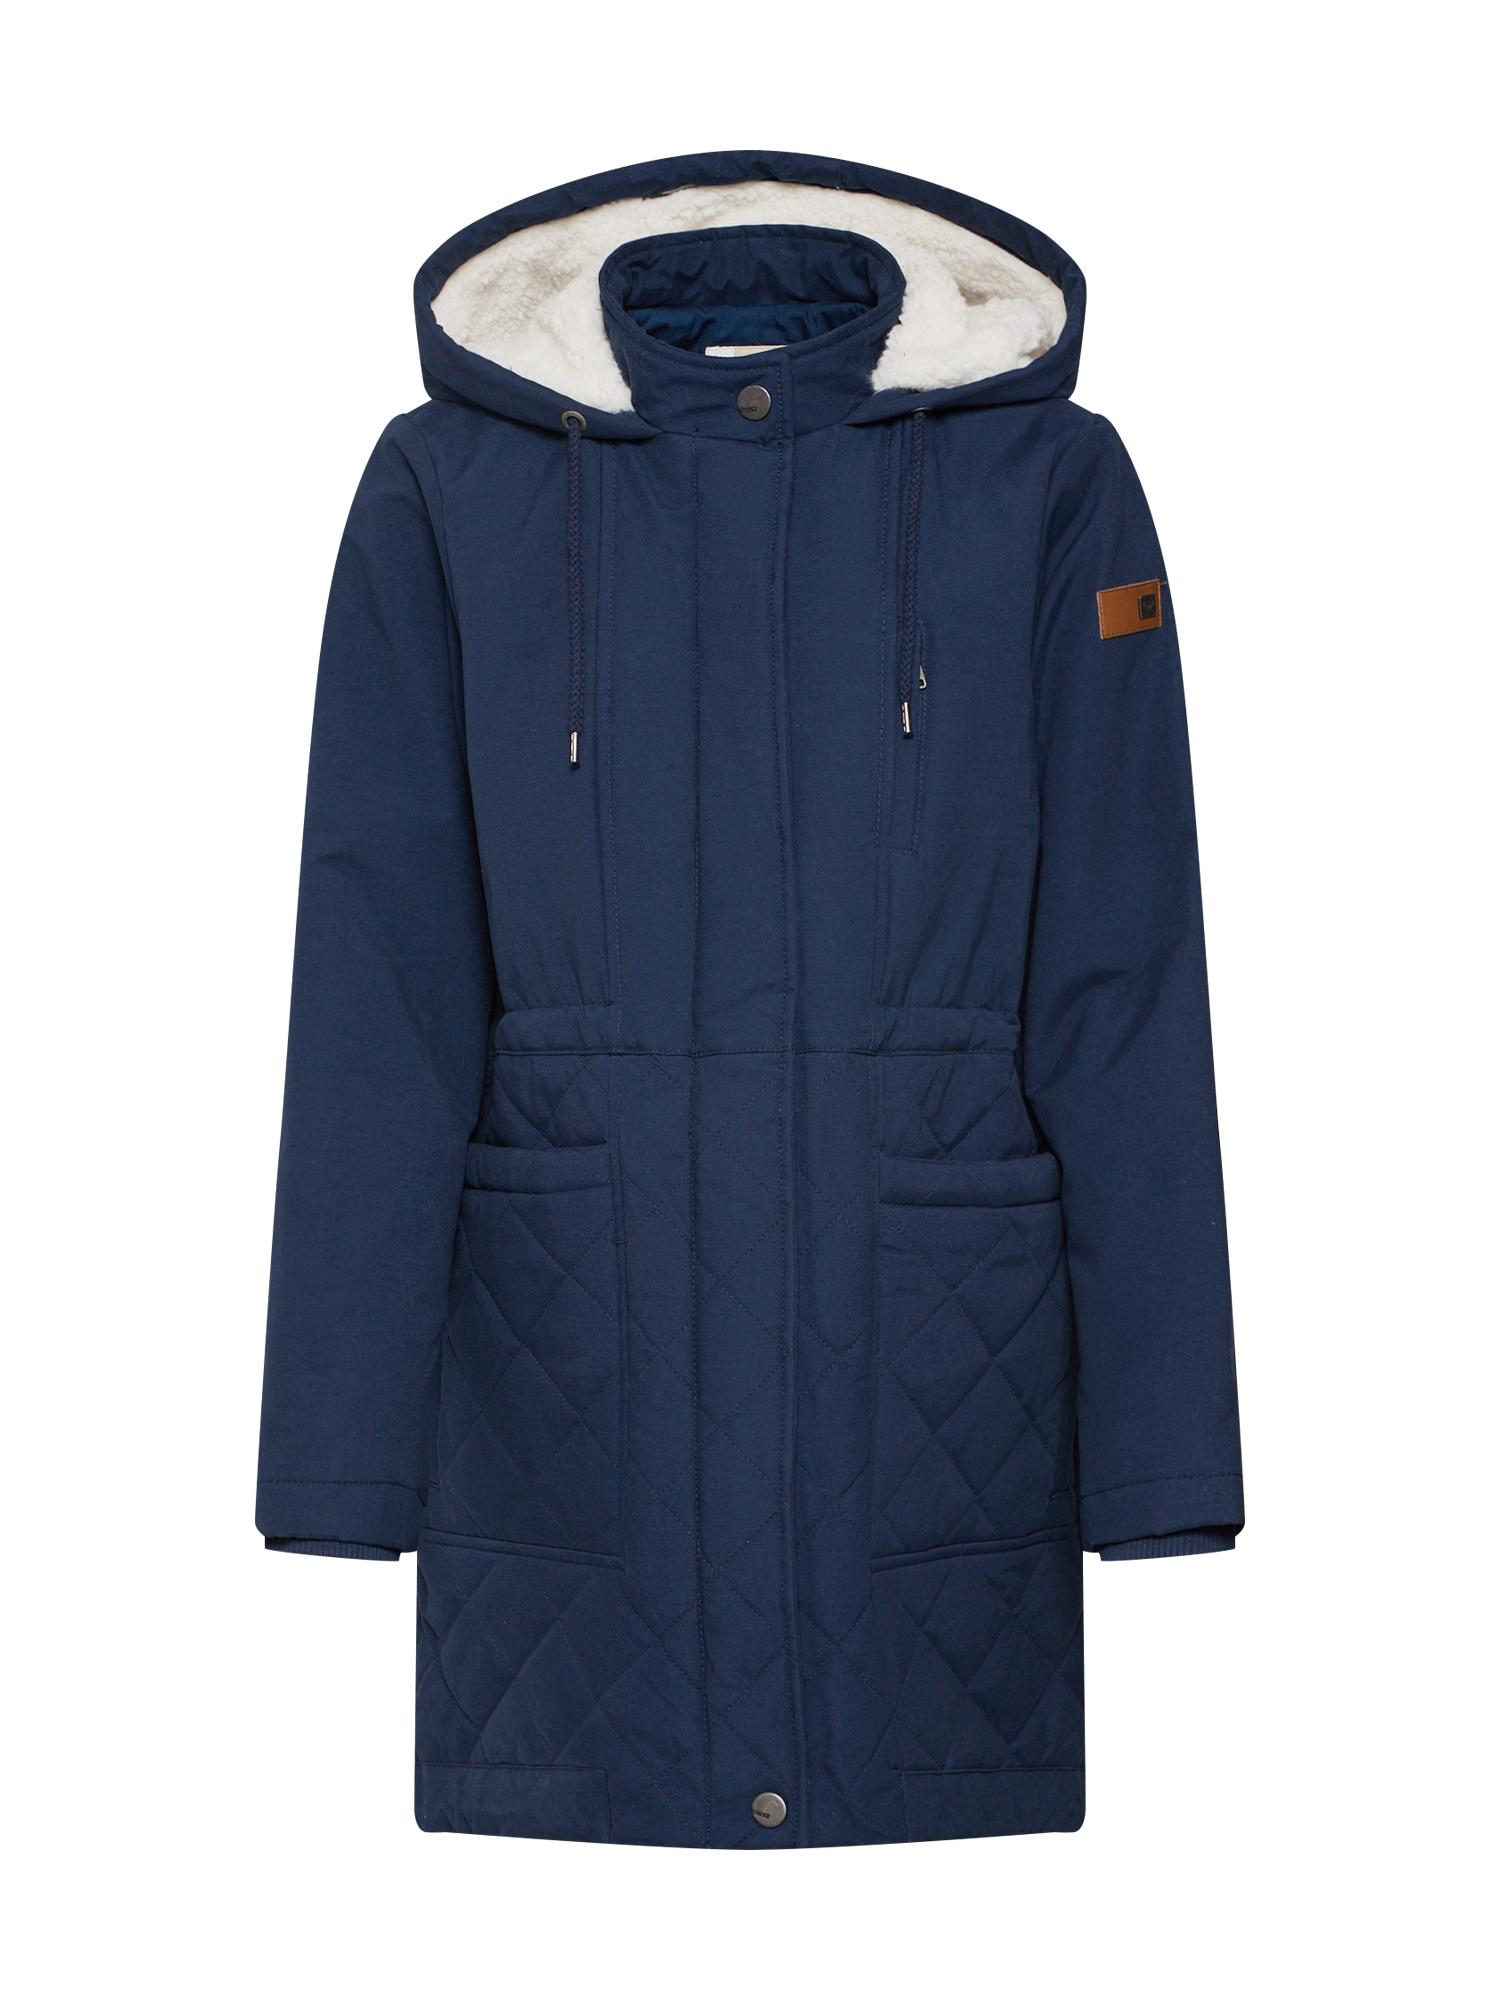 Zimní kabát SLALOMCHIC marine modrá ROXY